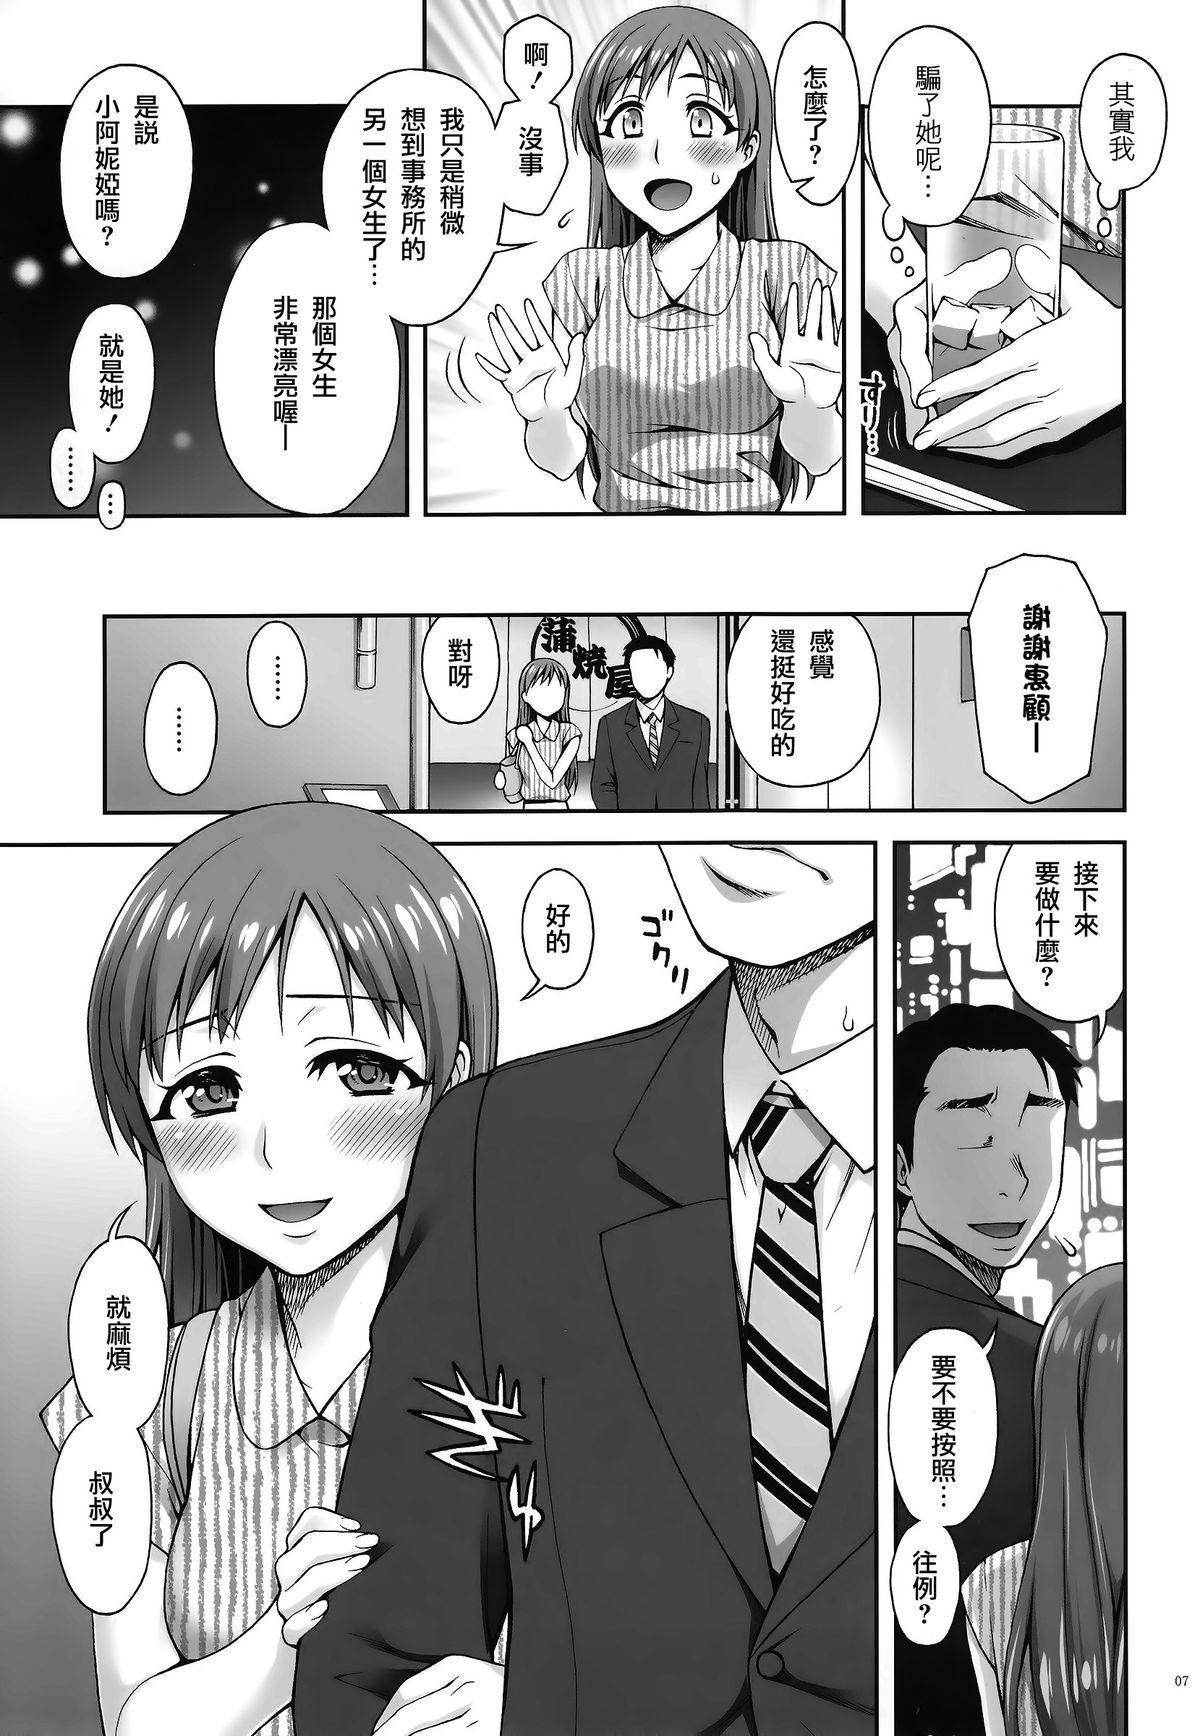 Kanojo no Sugao 5